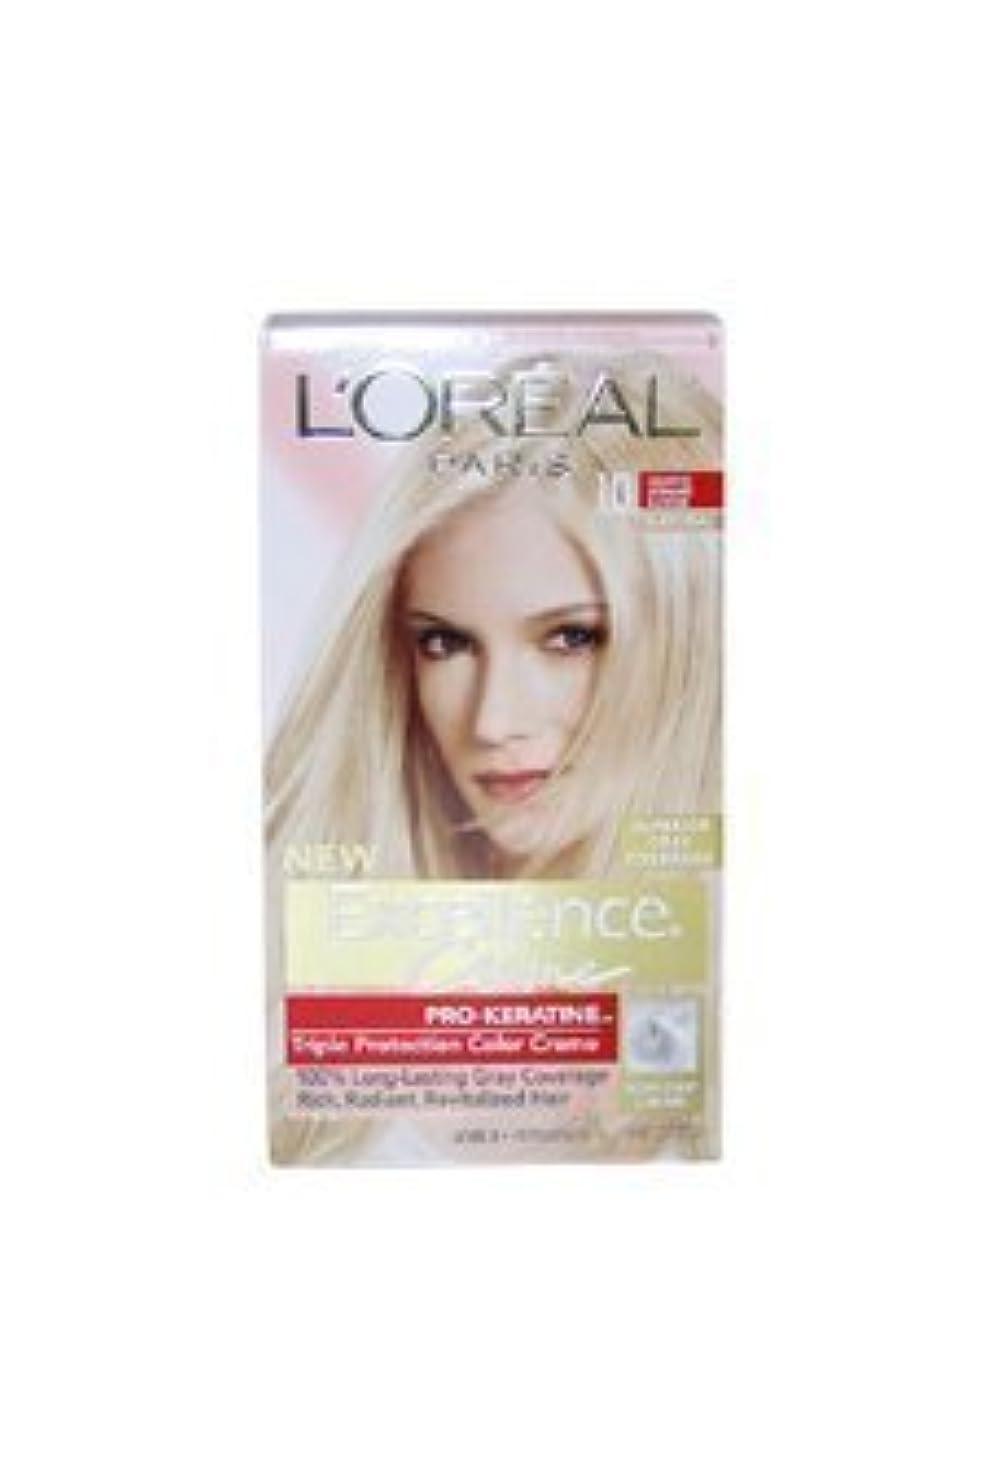 軍団構築するオーロックExcellence Creme Pro - Keratine 10 Light Ultimate Blonde - Natural by L'Oreal - 1 Application Hair Color by L'Oreal...